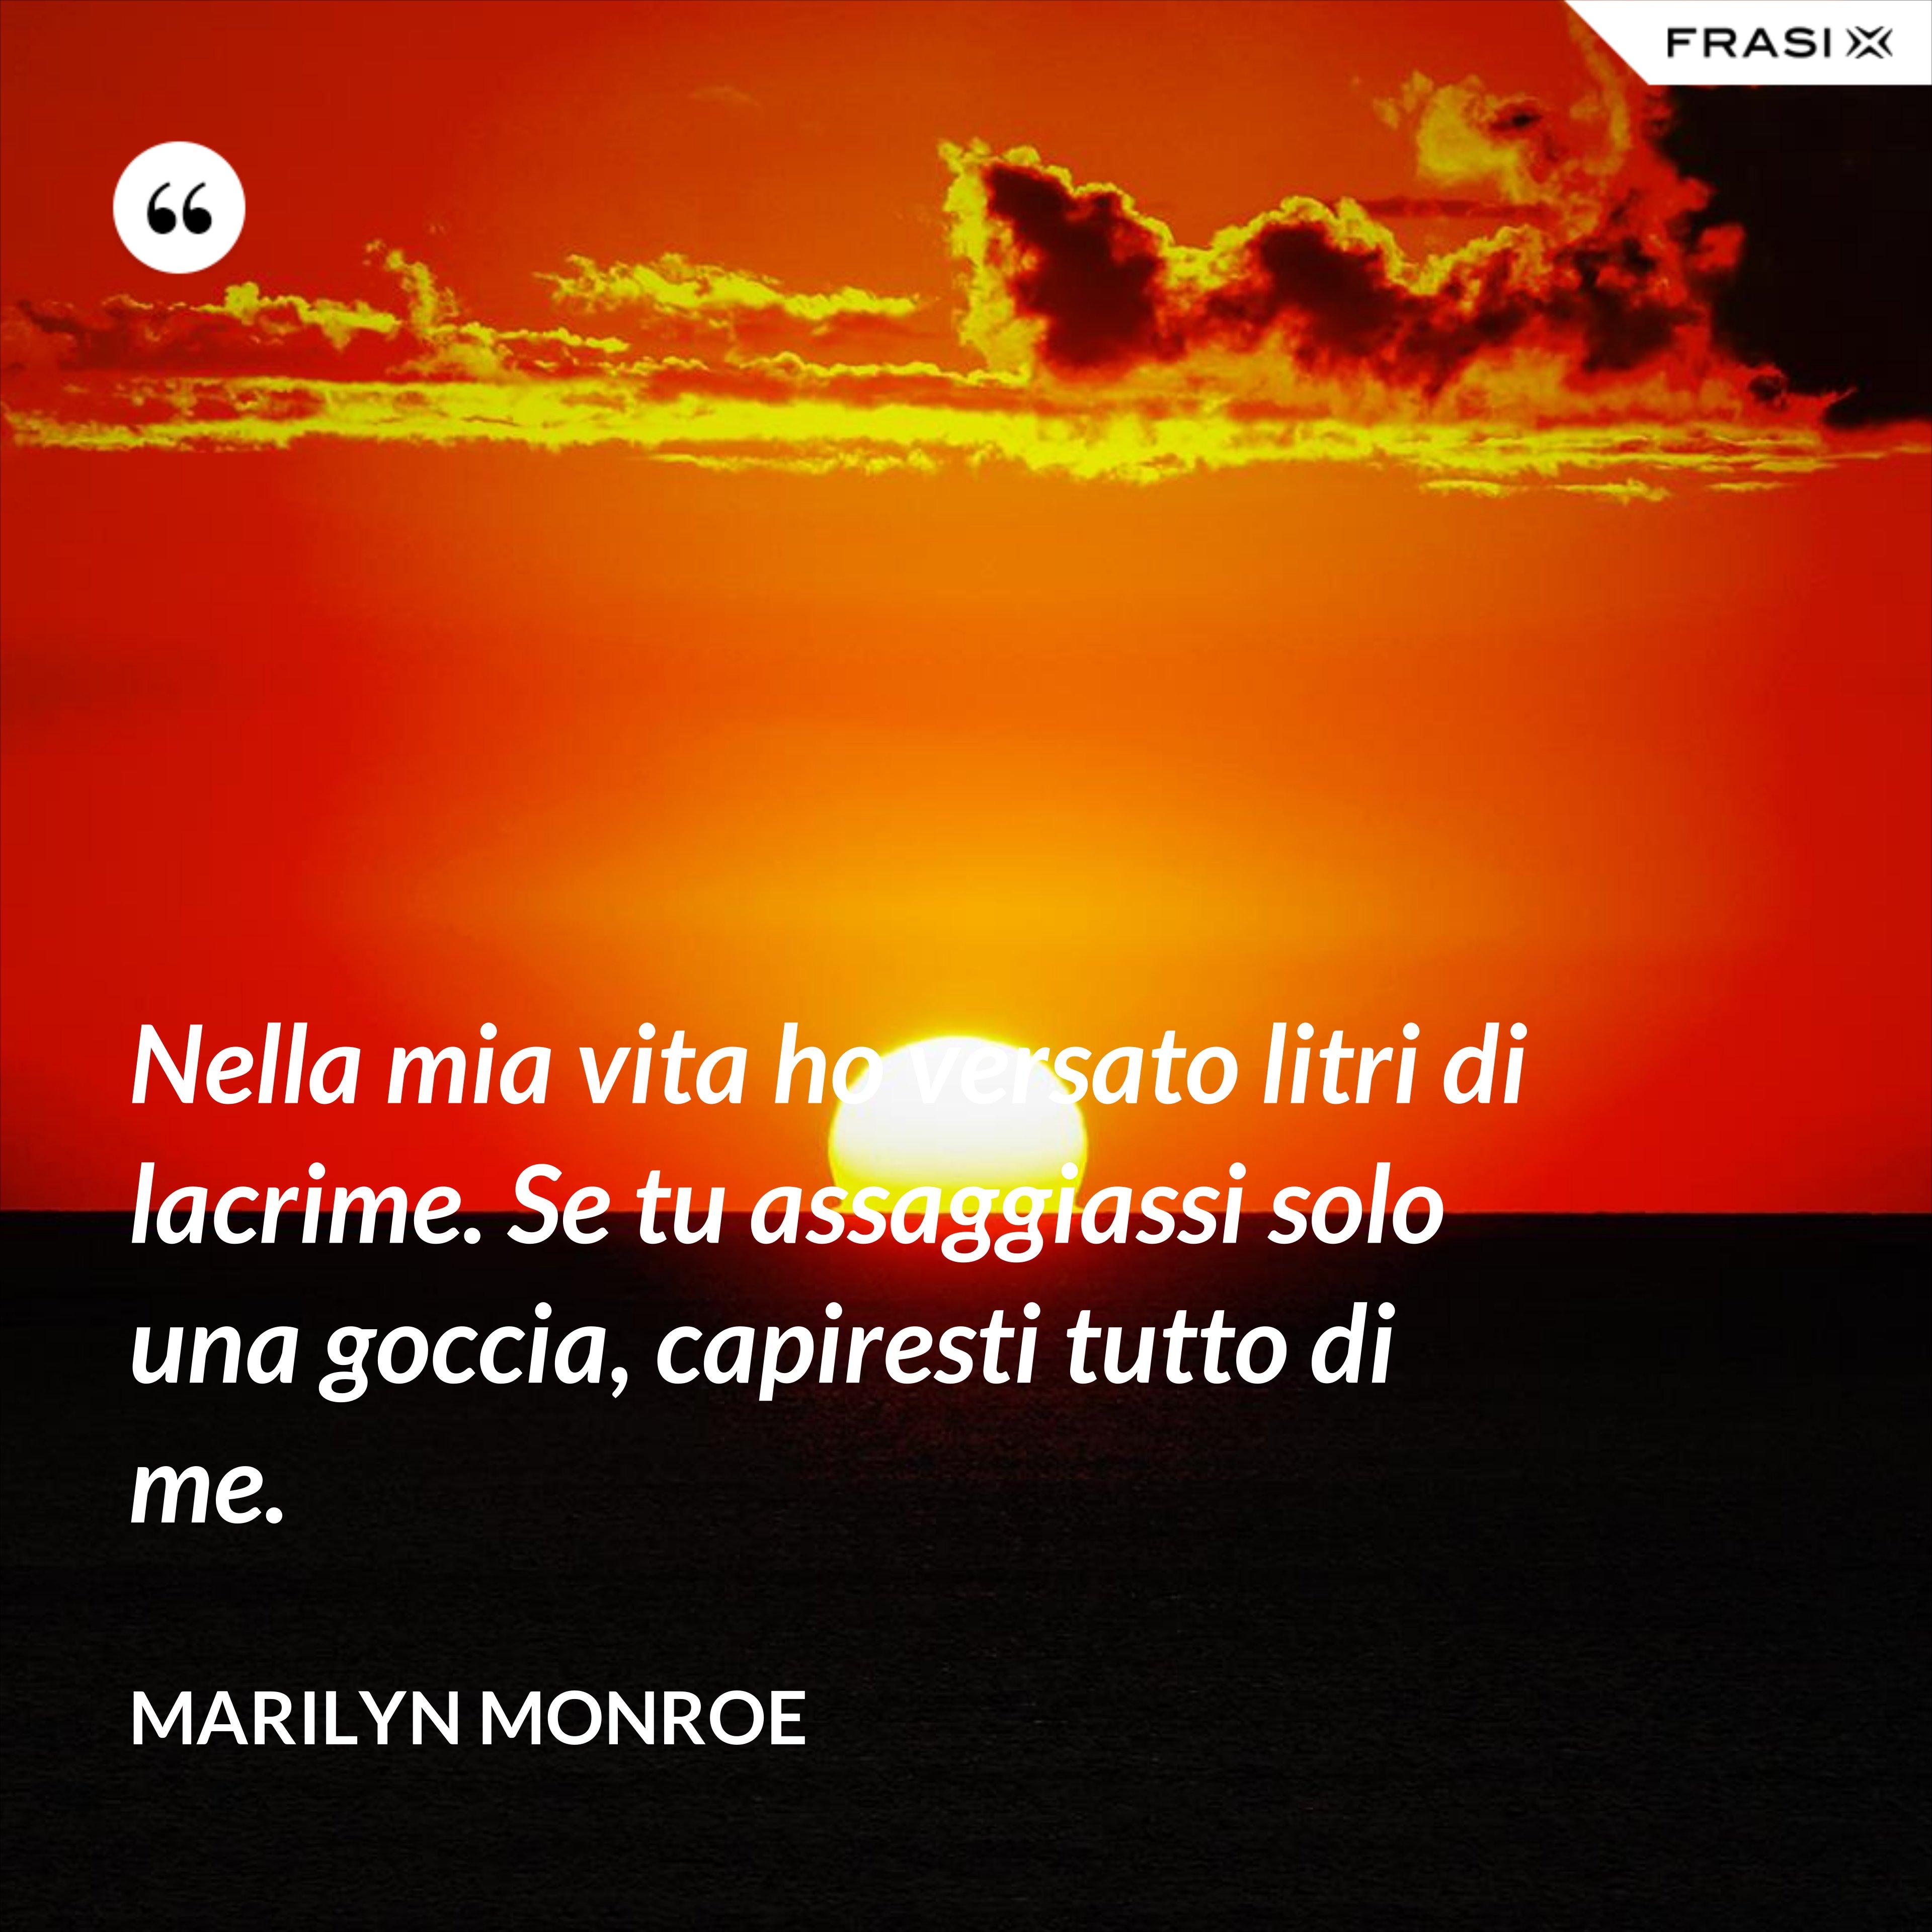 Nella mia vita ho versato litri di lacrime. Se tu assaggiassi solo una goccia, capiresti tutto di me. - Marilyn Monroe